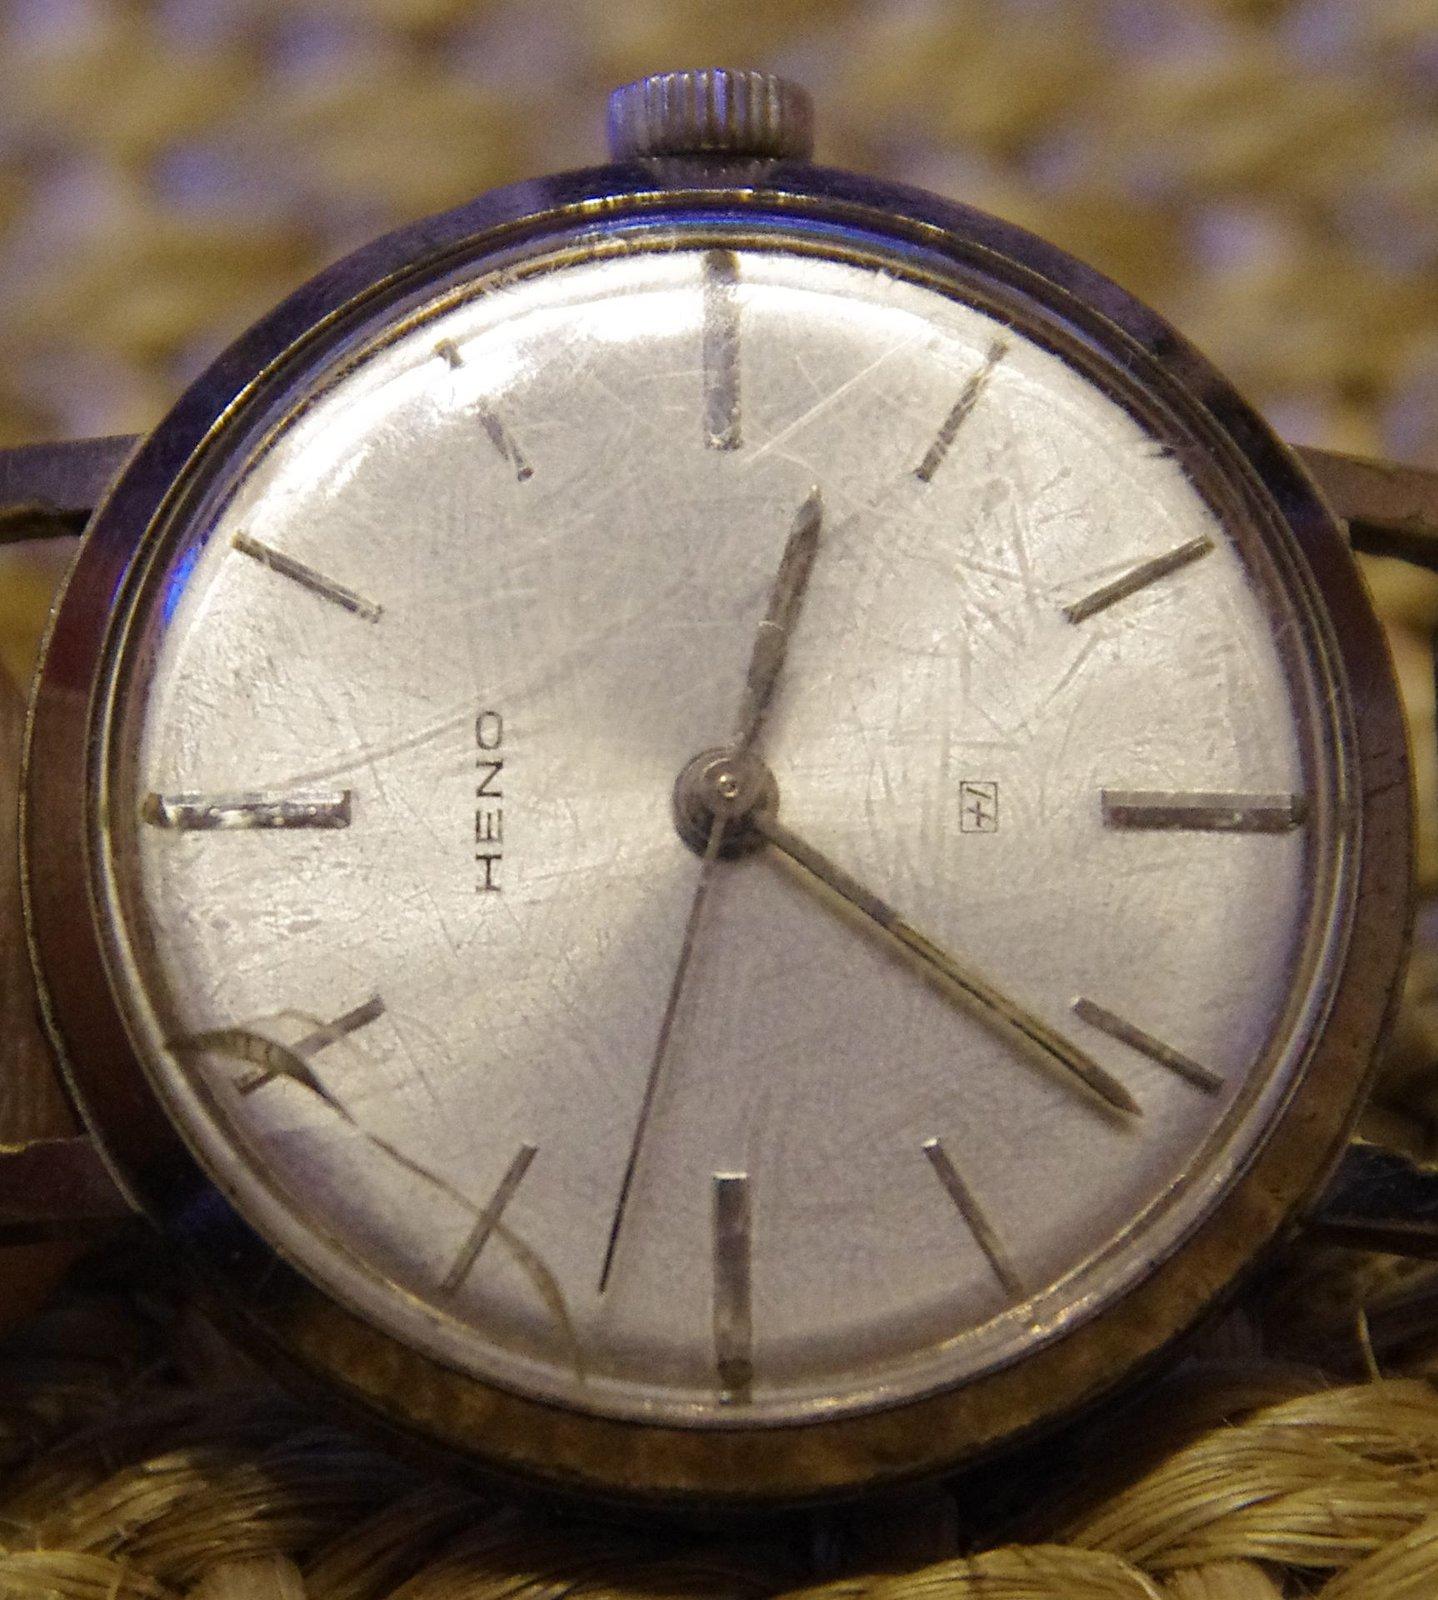 Gesammelte Uhren Alles Was So Noch Irgendwo Lag